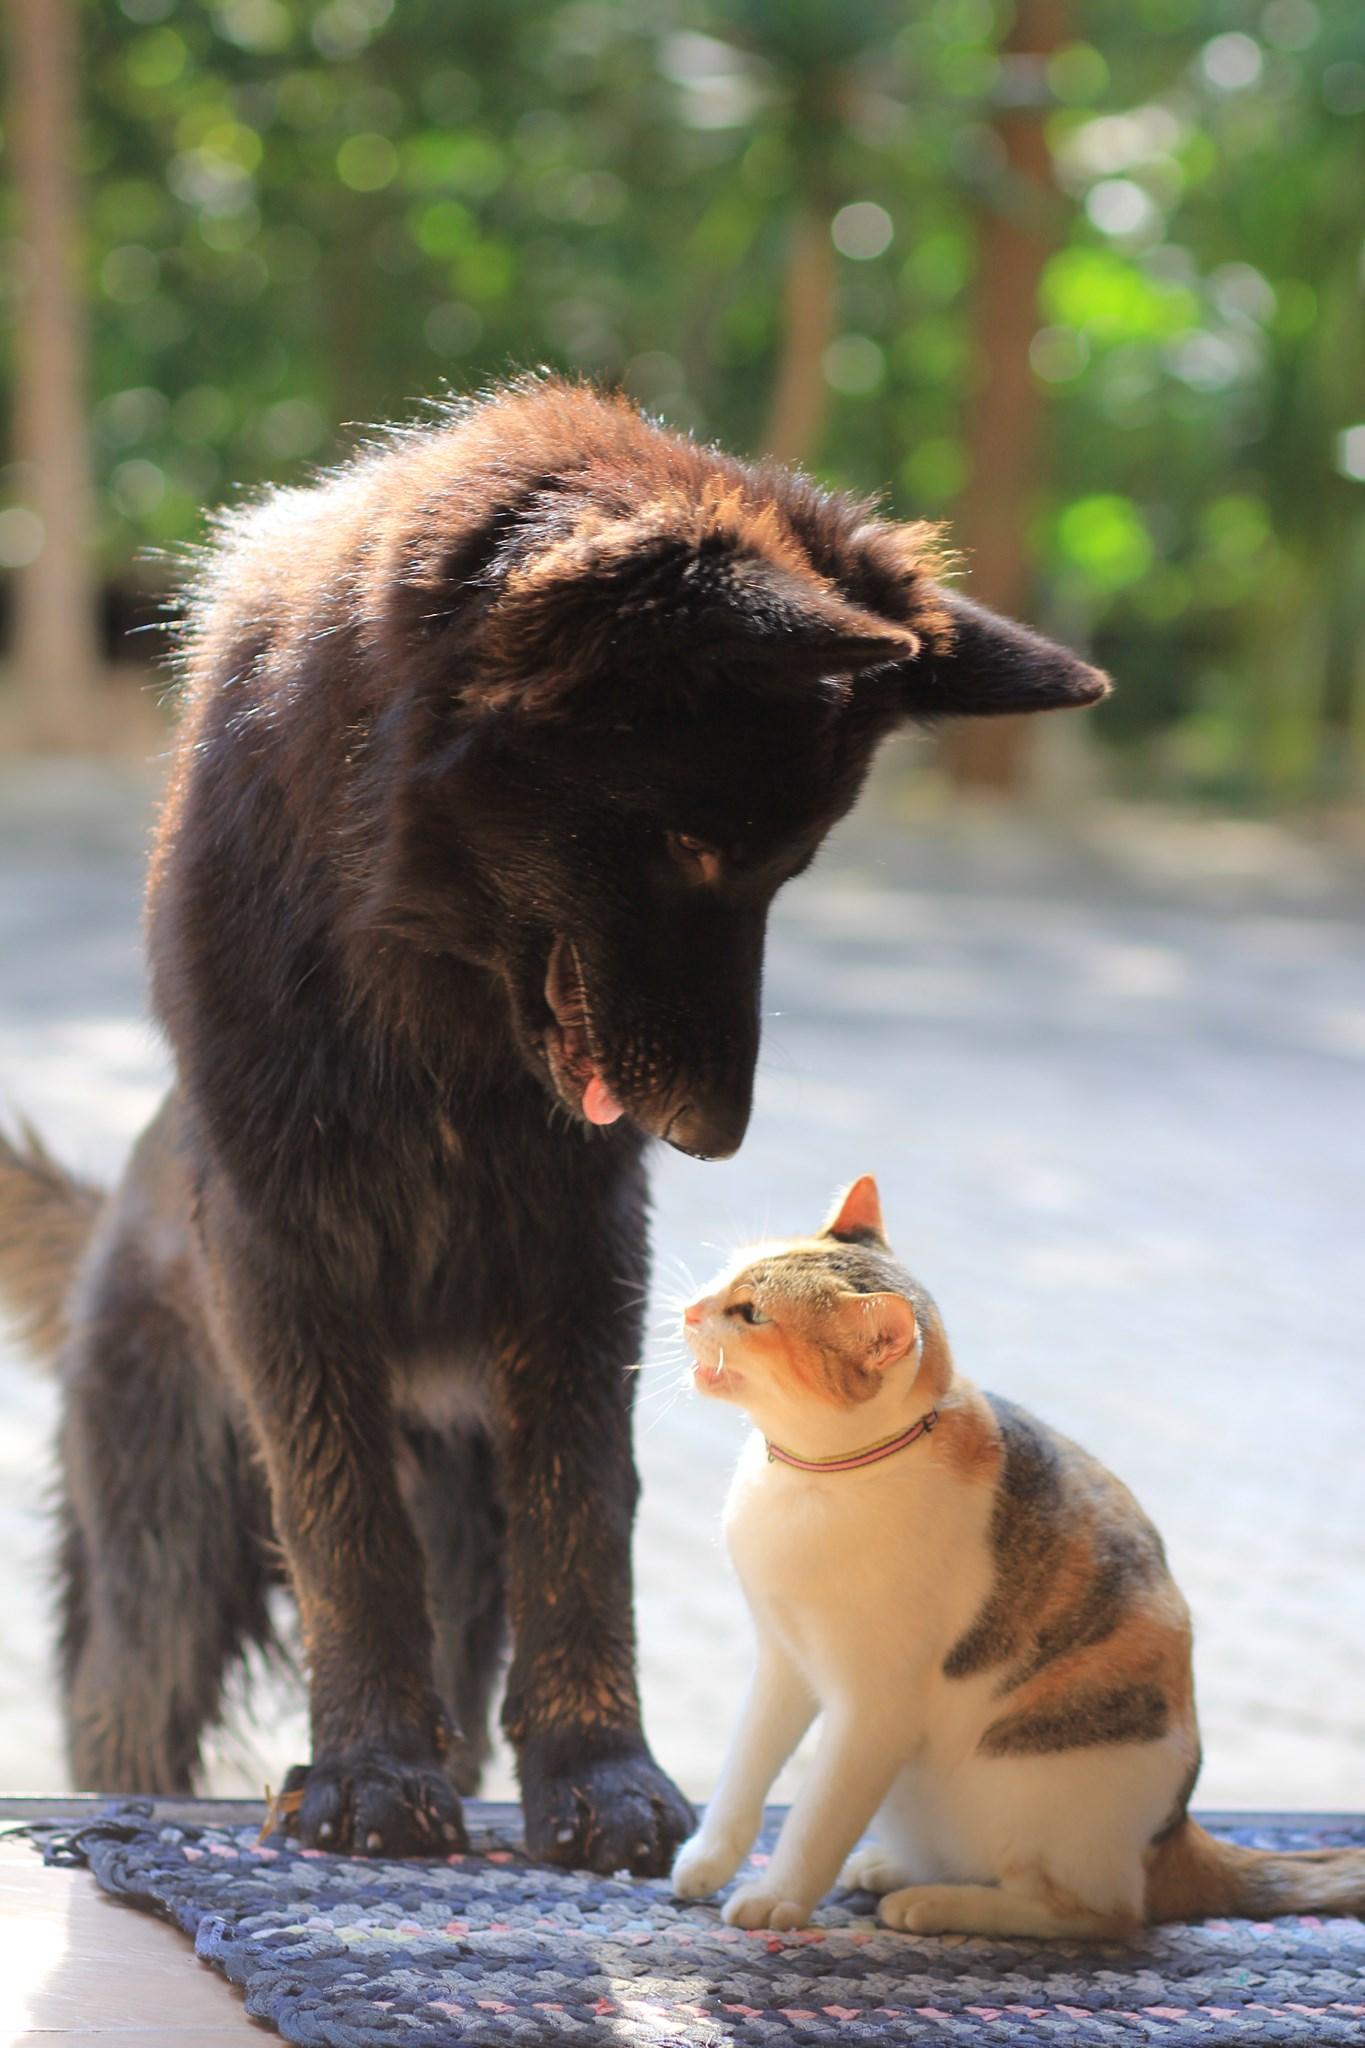 Dogilike.com :: เชื่อว่าเจ้าโทนคงอยากกลับวัด พระอาจารย์วัดป่าโพสต์ตามหาน้องหมาที่หายไป